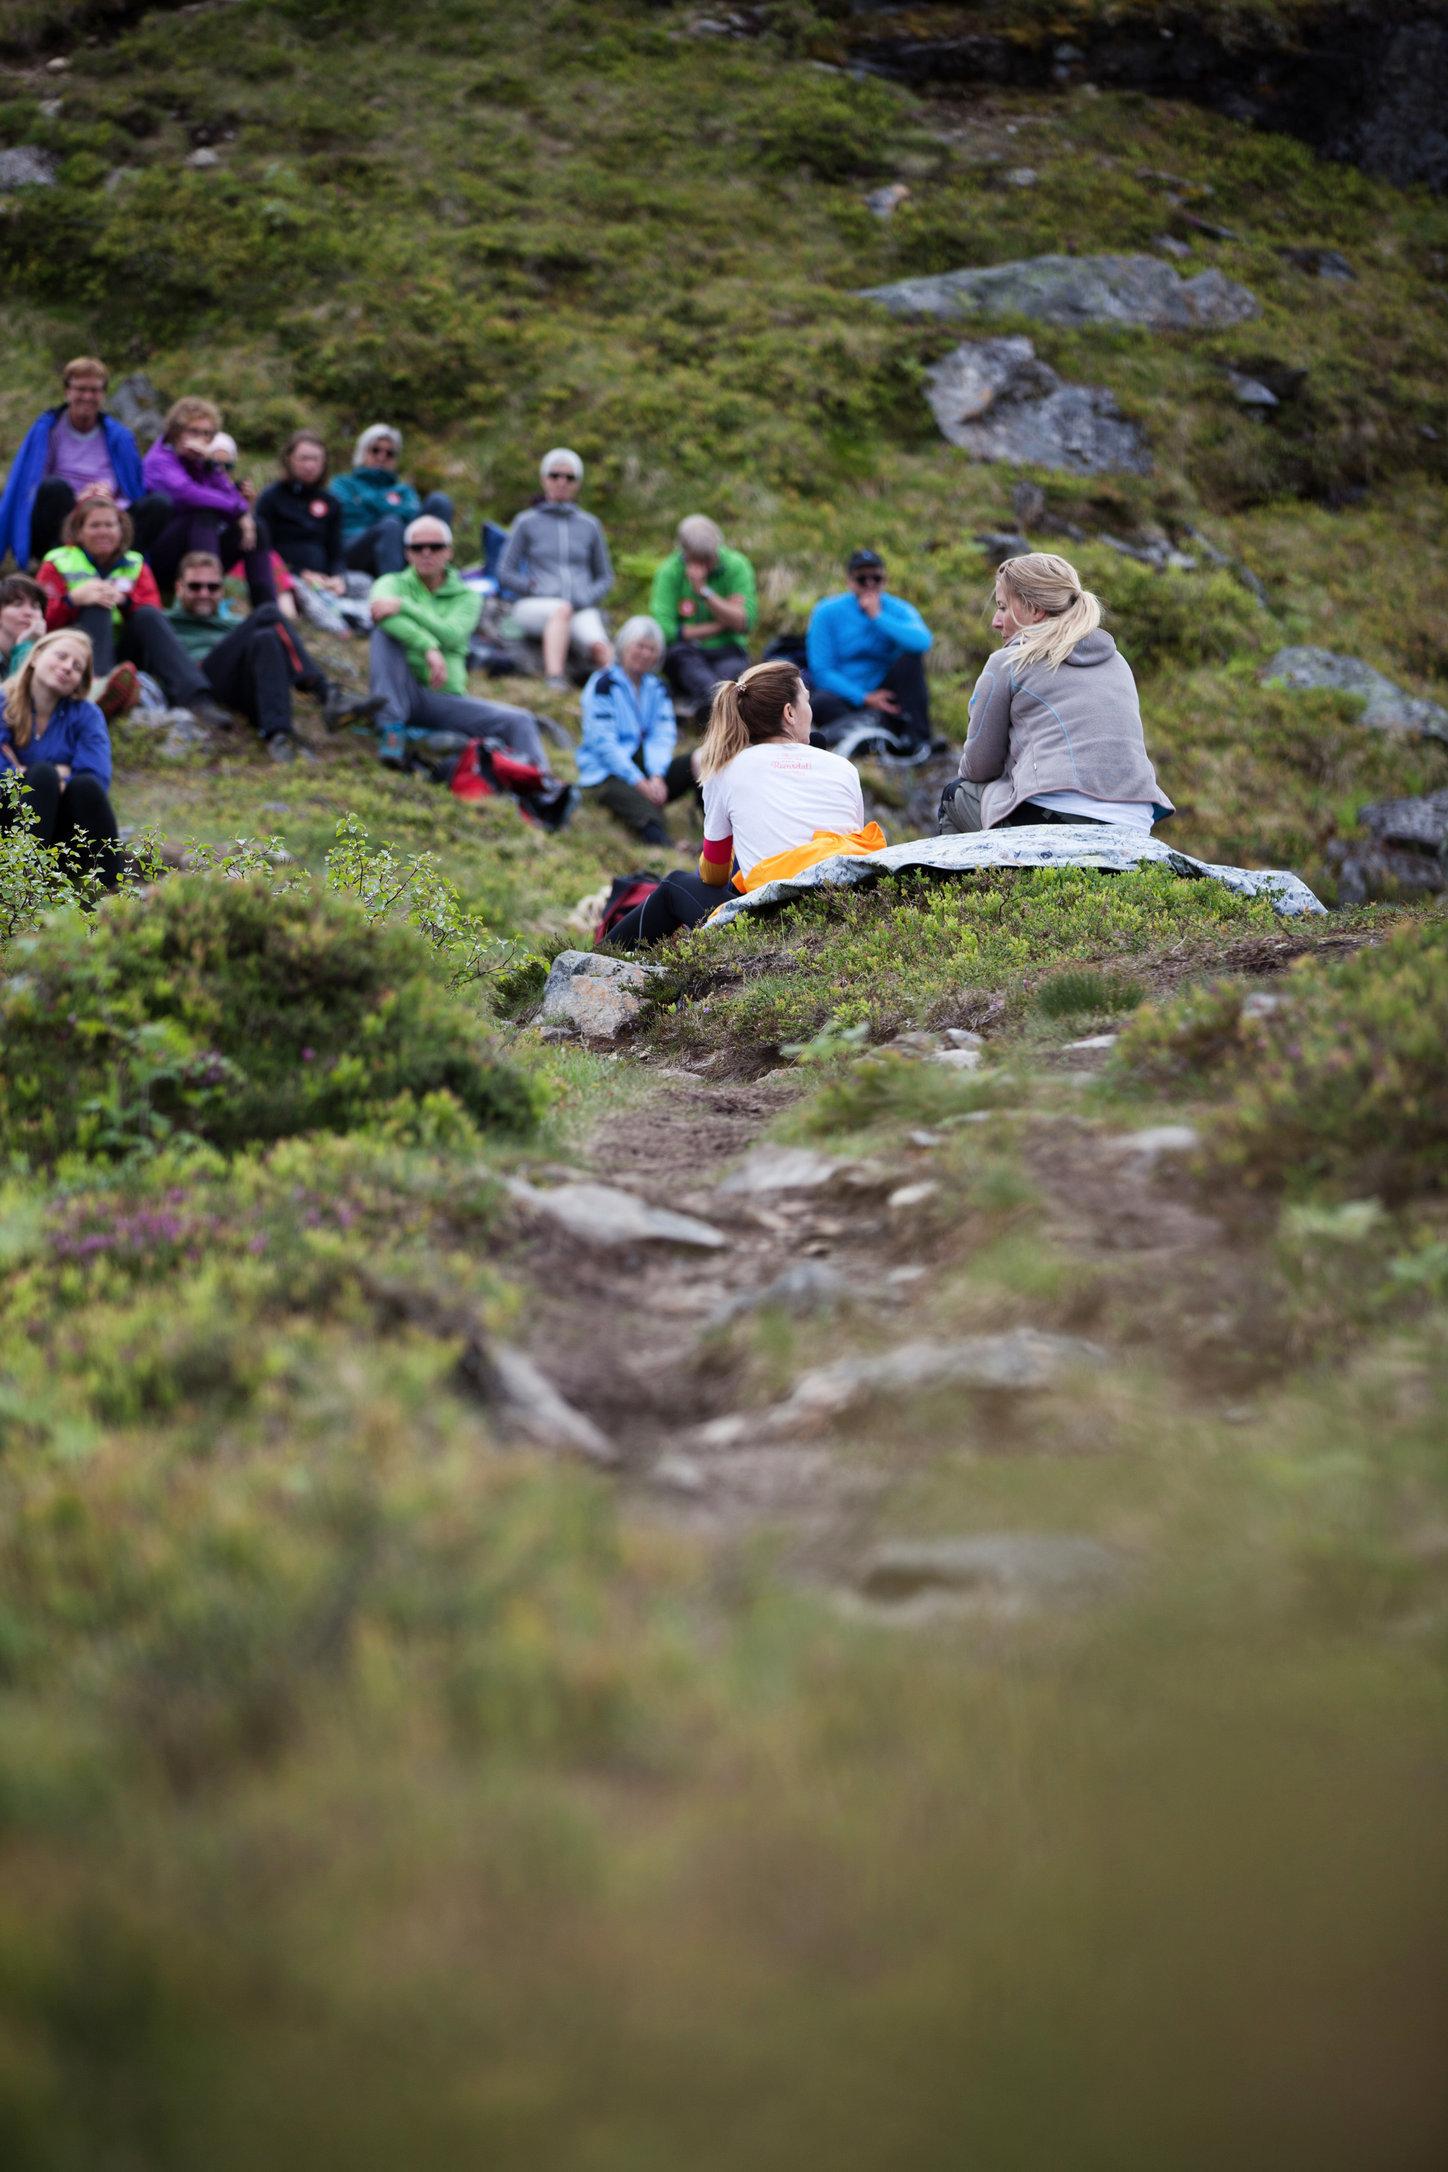 Litlefjellet_09.07.17_Mariel.Lødum50.jpeg